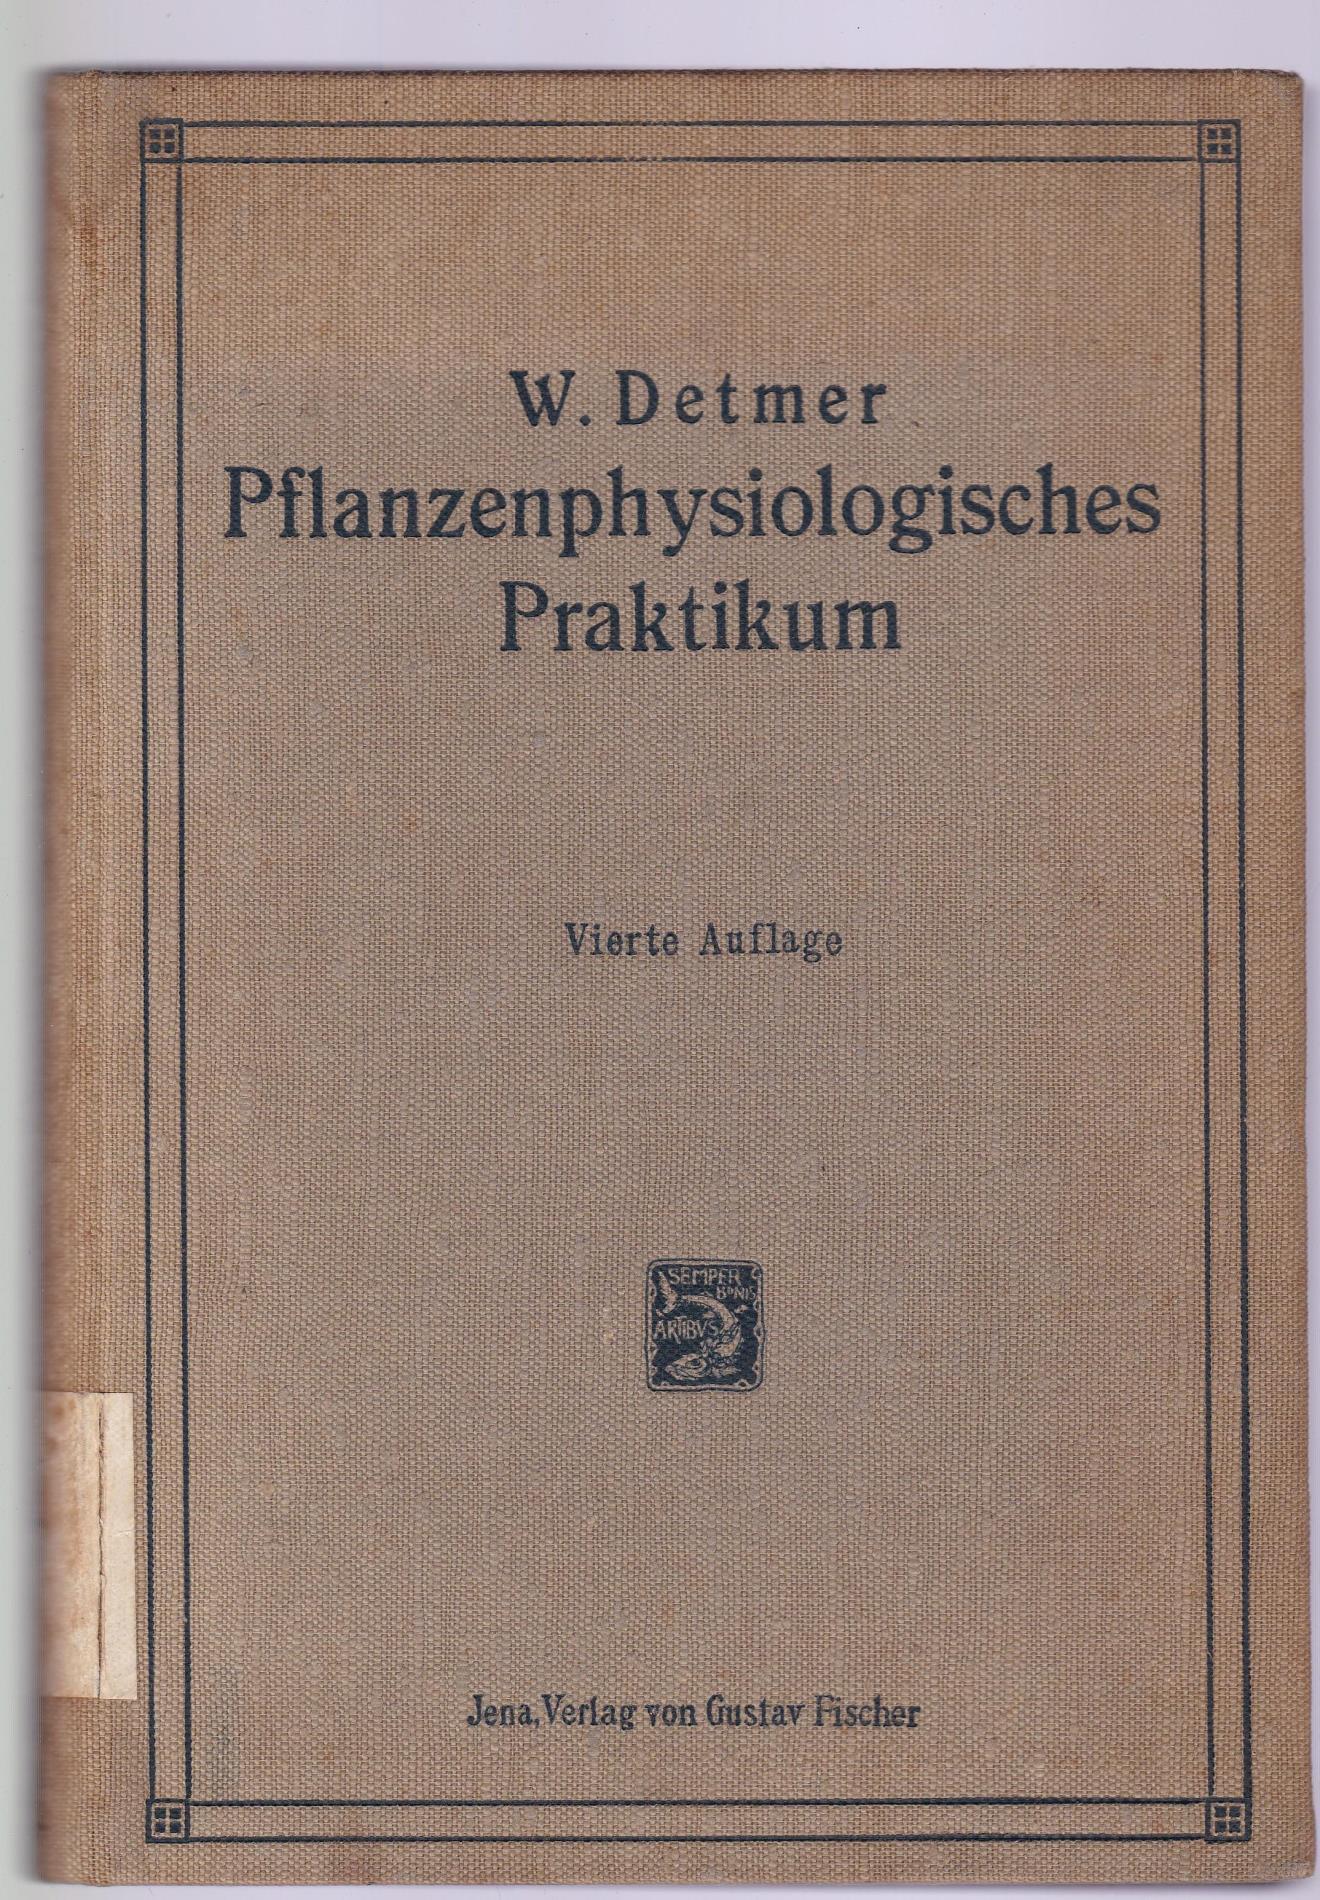 Pflanzenphysiologisches Praktikum. Anleitung zu Pflanzenphysiologischen Experimenten für: Detmer, W.